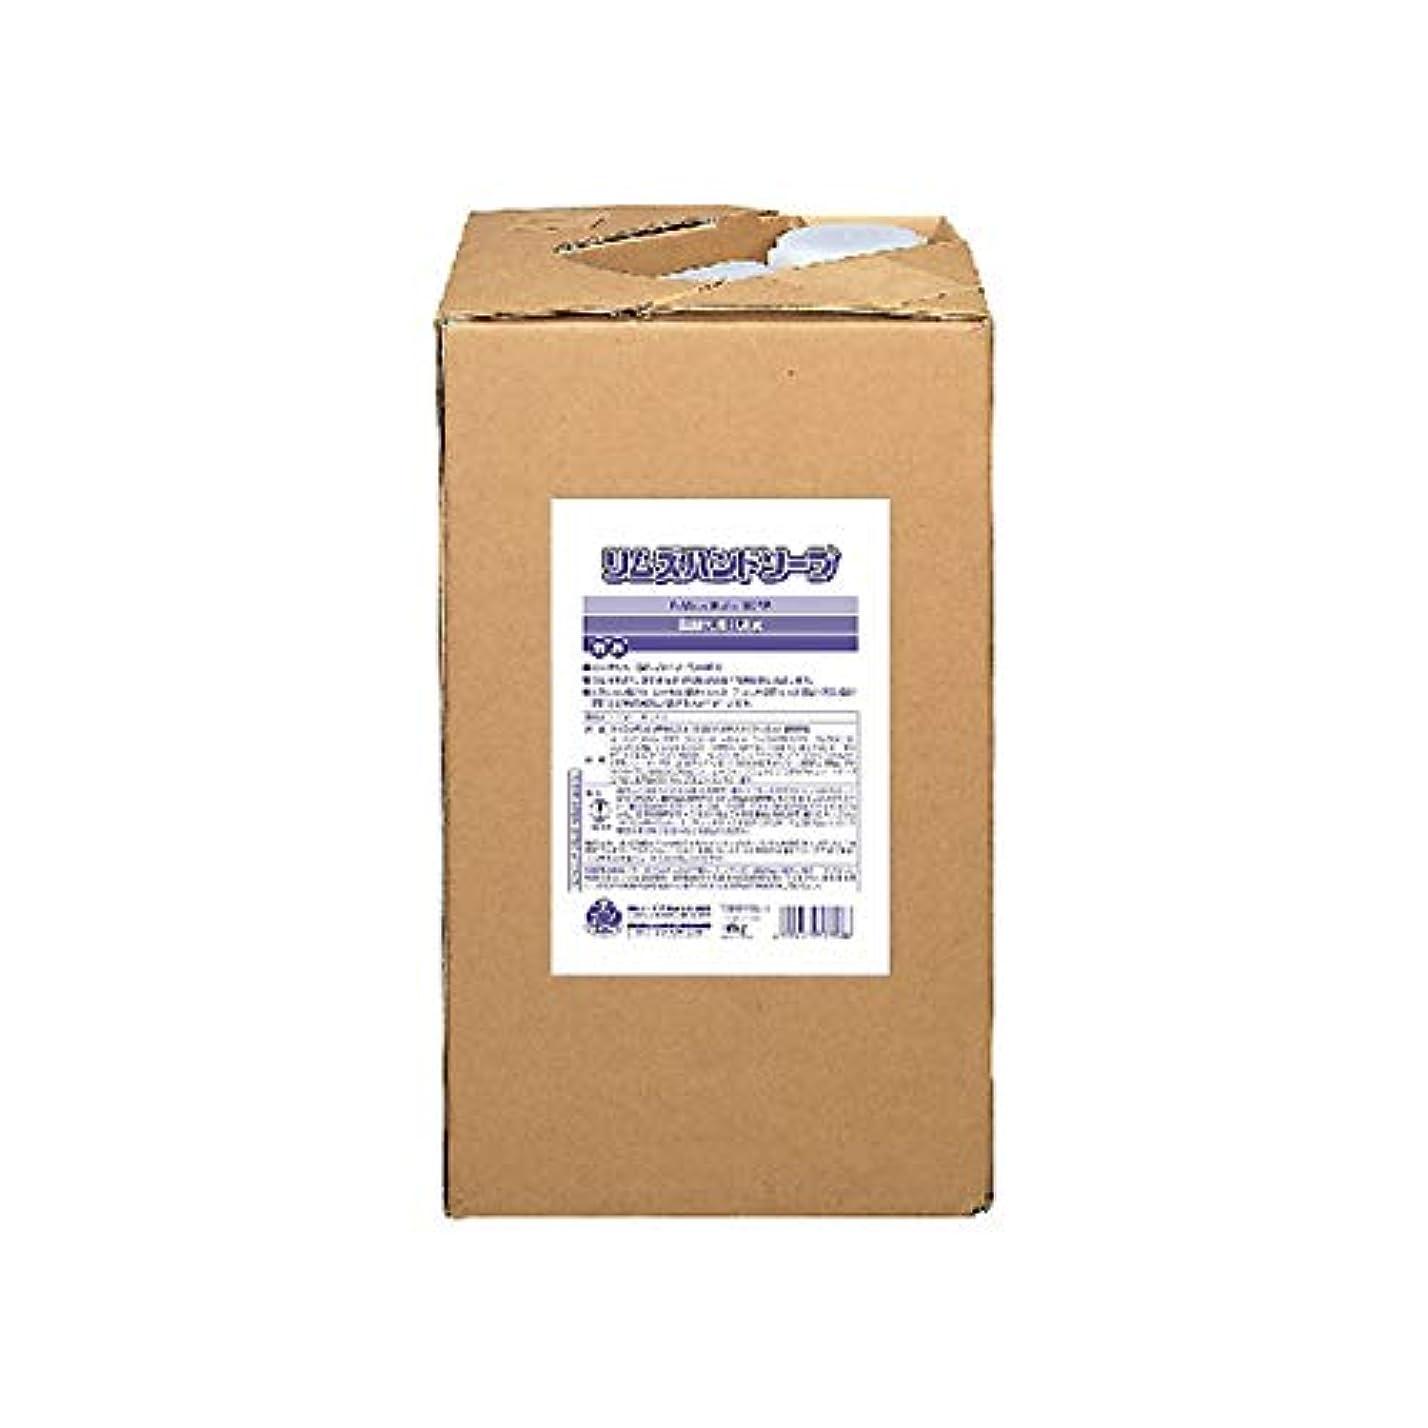 買収通り抜ける虫を数えるイチネンケミカルズ:リムズハンドソープ 詰替用 16kg 518